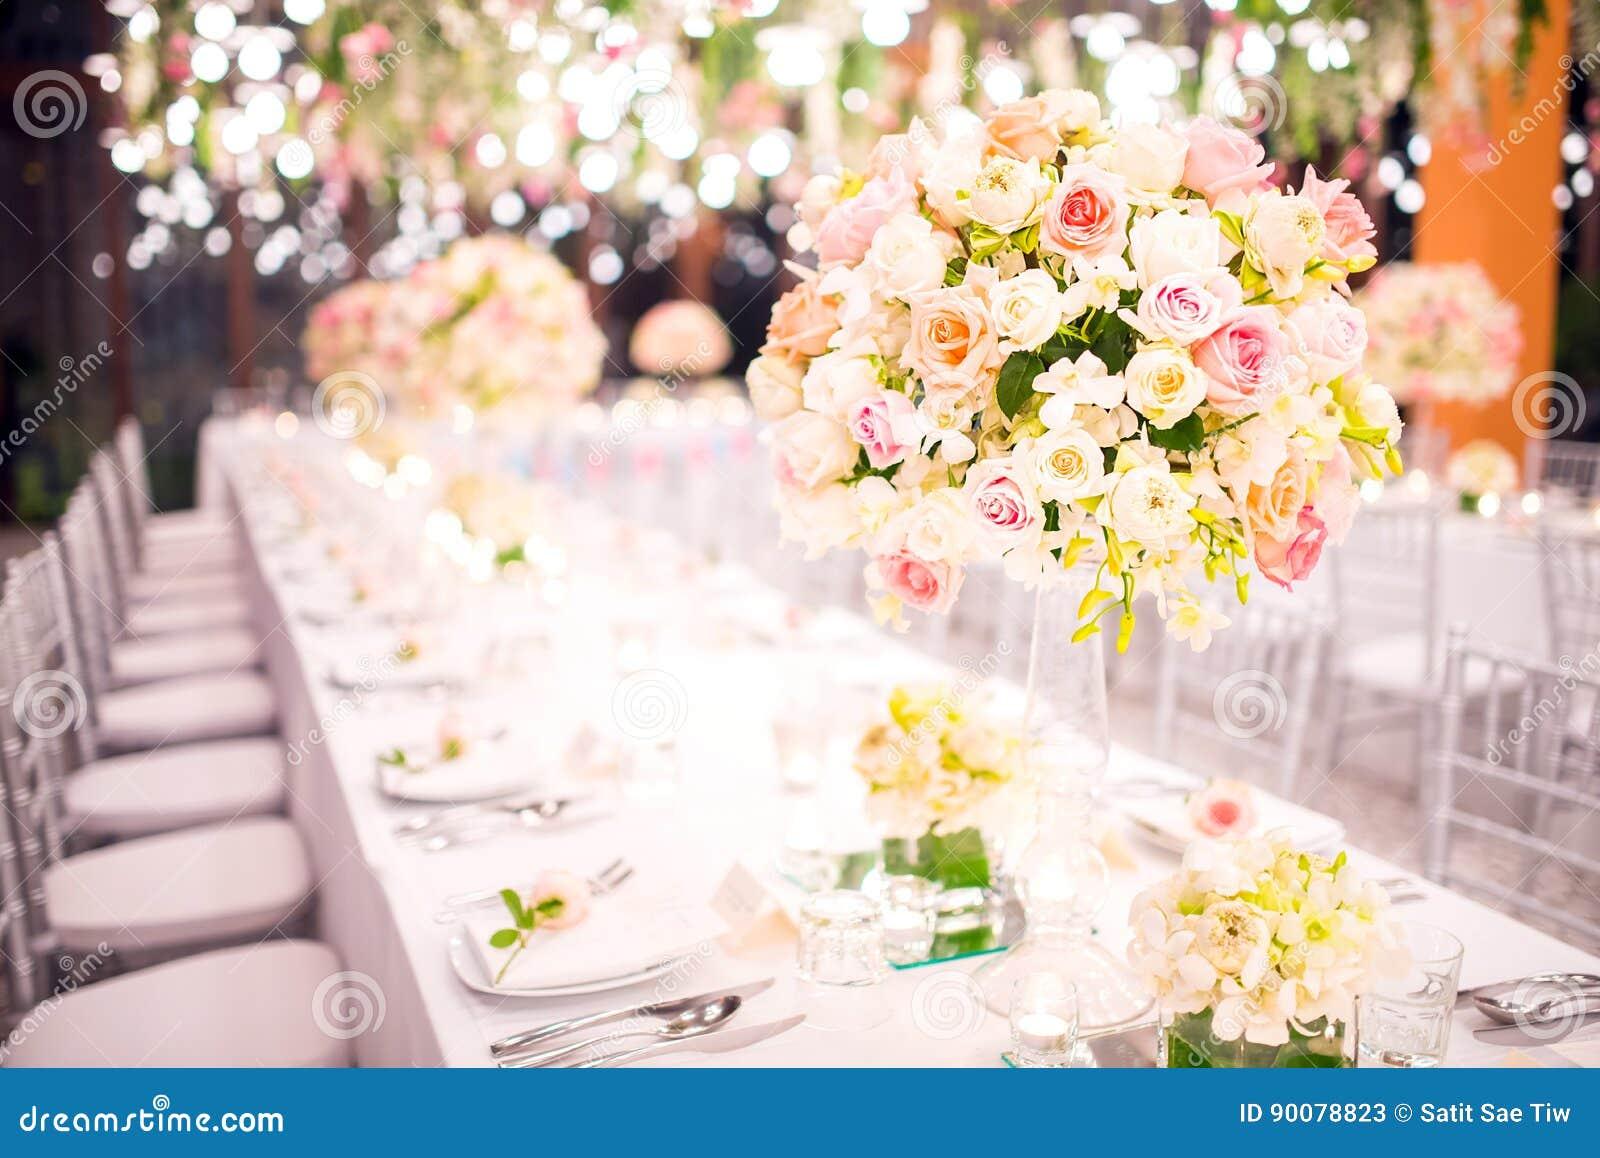 Ajournez l arrangement à un mariage de luxe et à de belles fleurs